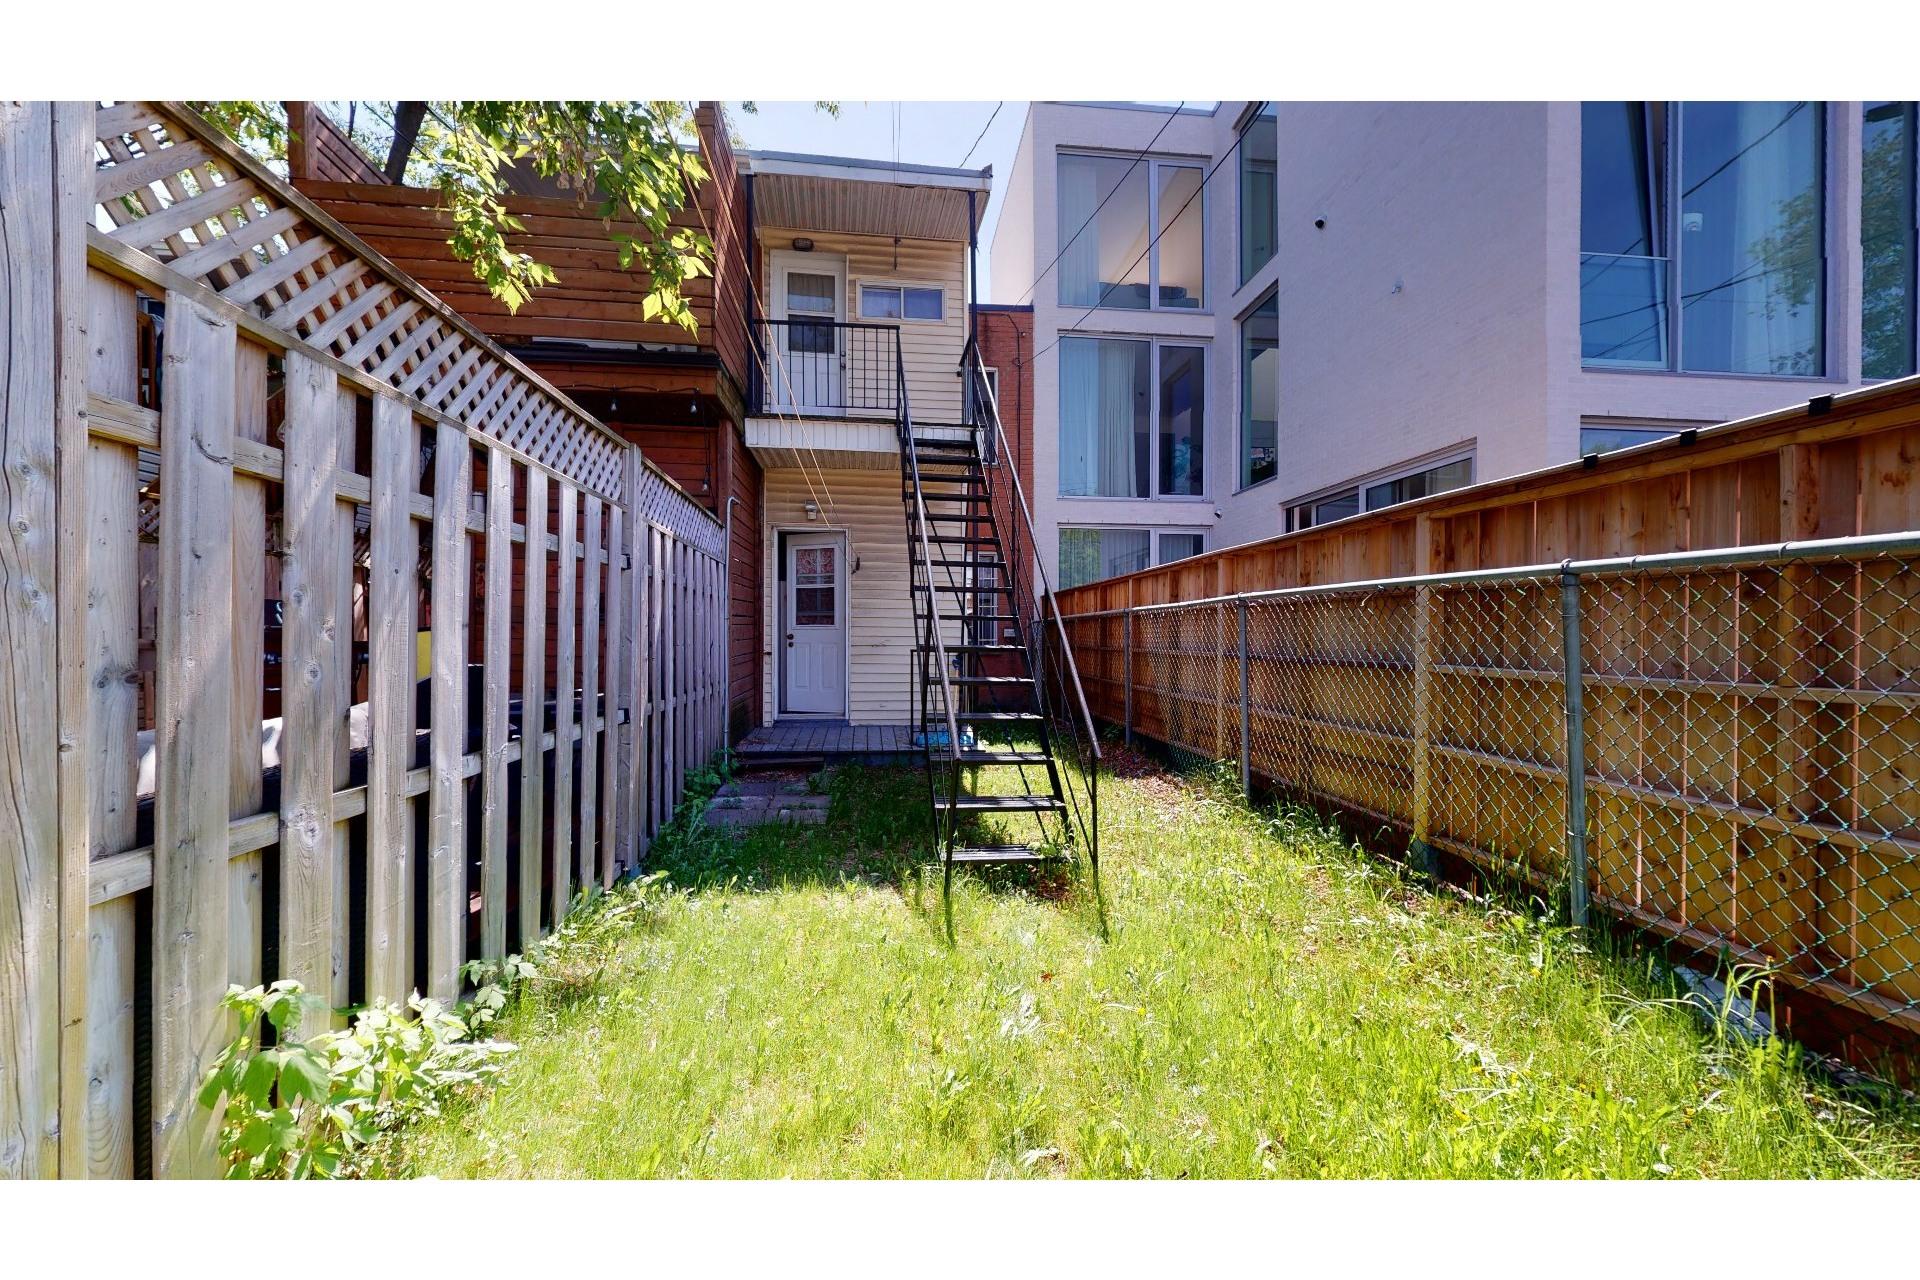 image 5 - Duplex À vendre Rosemont/La Petite-Patrie Montréal  - 7 pièces